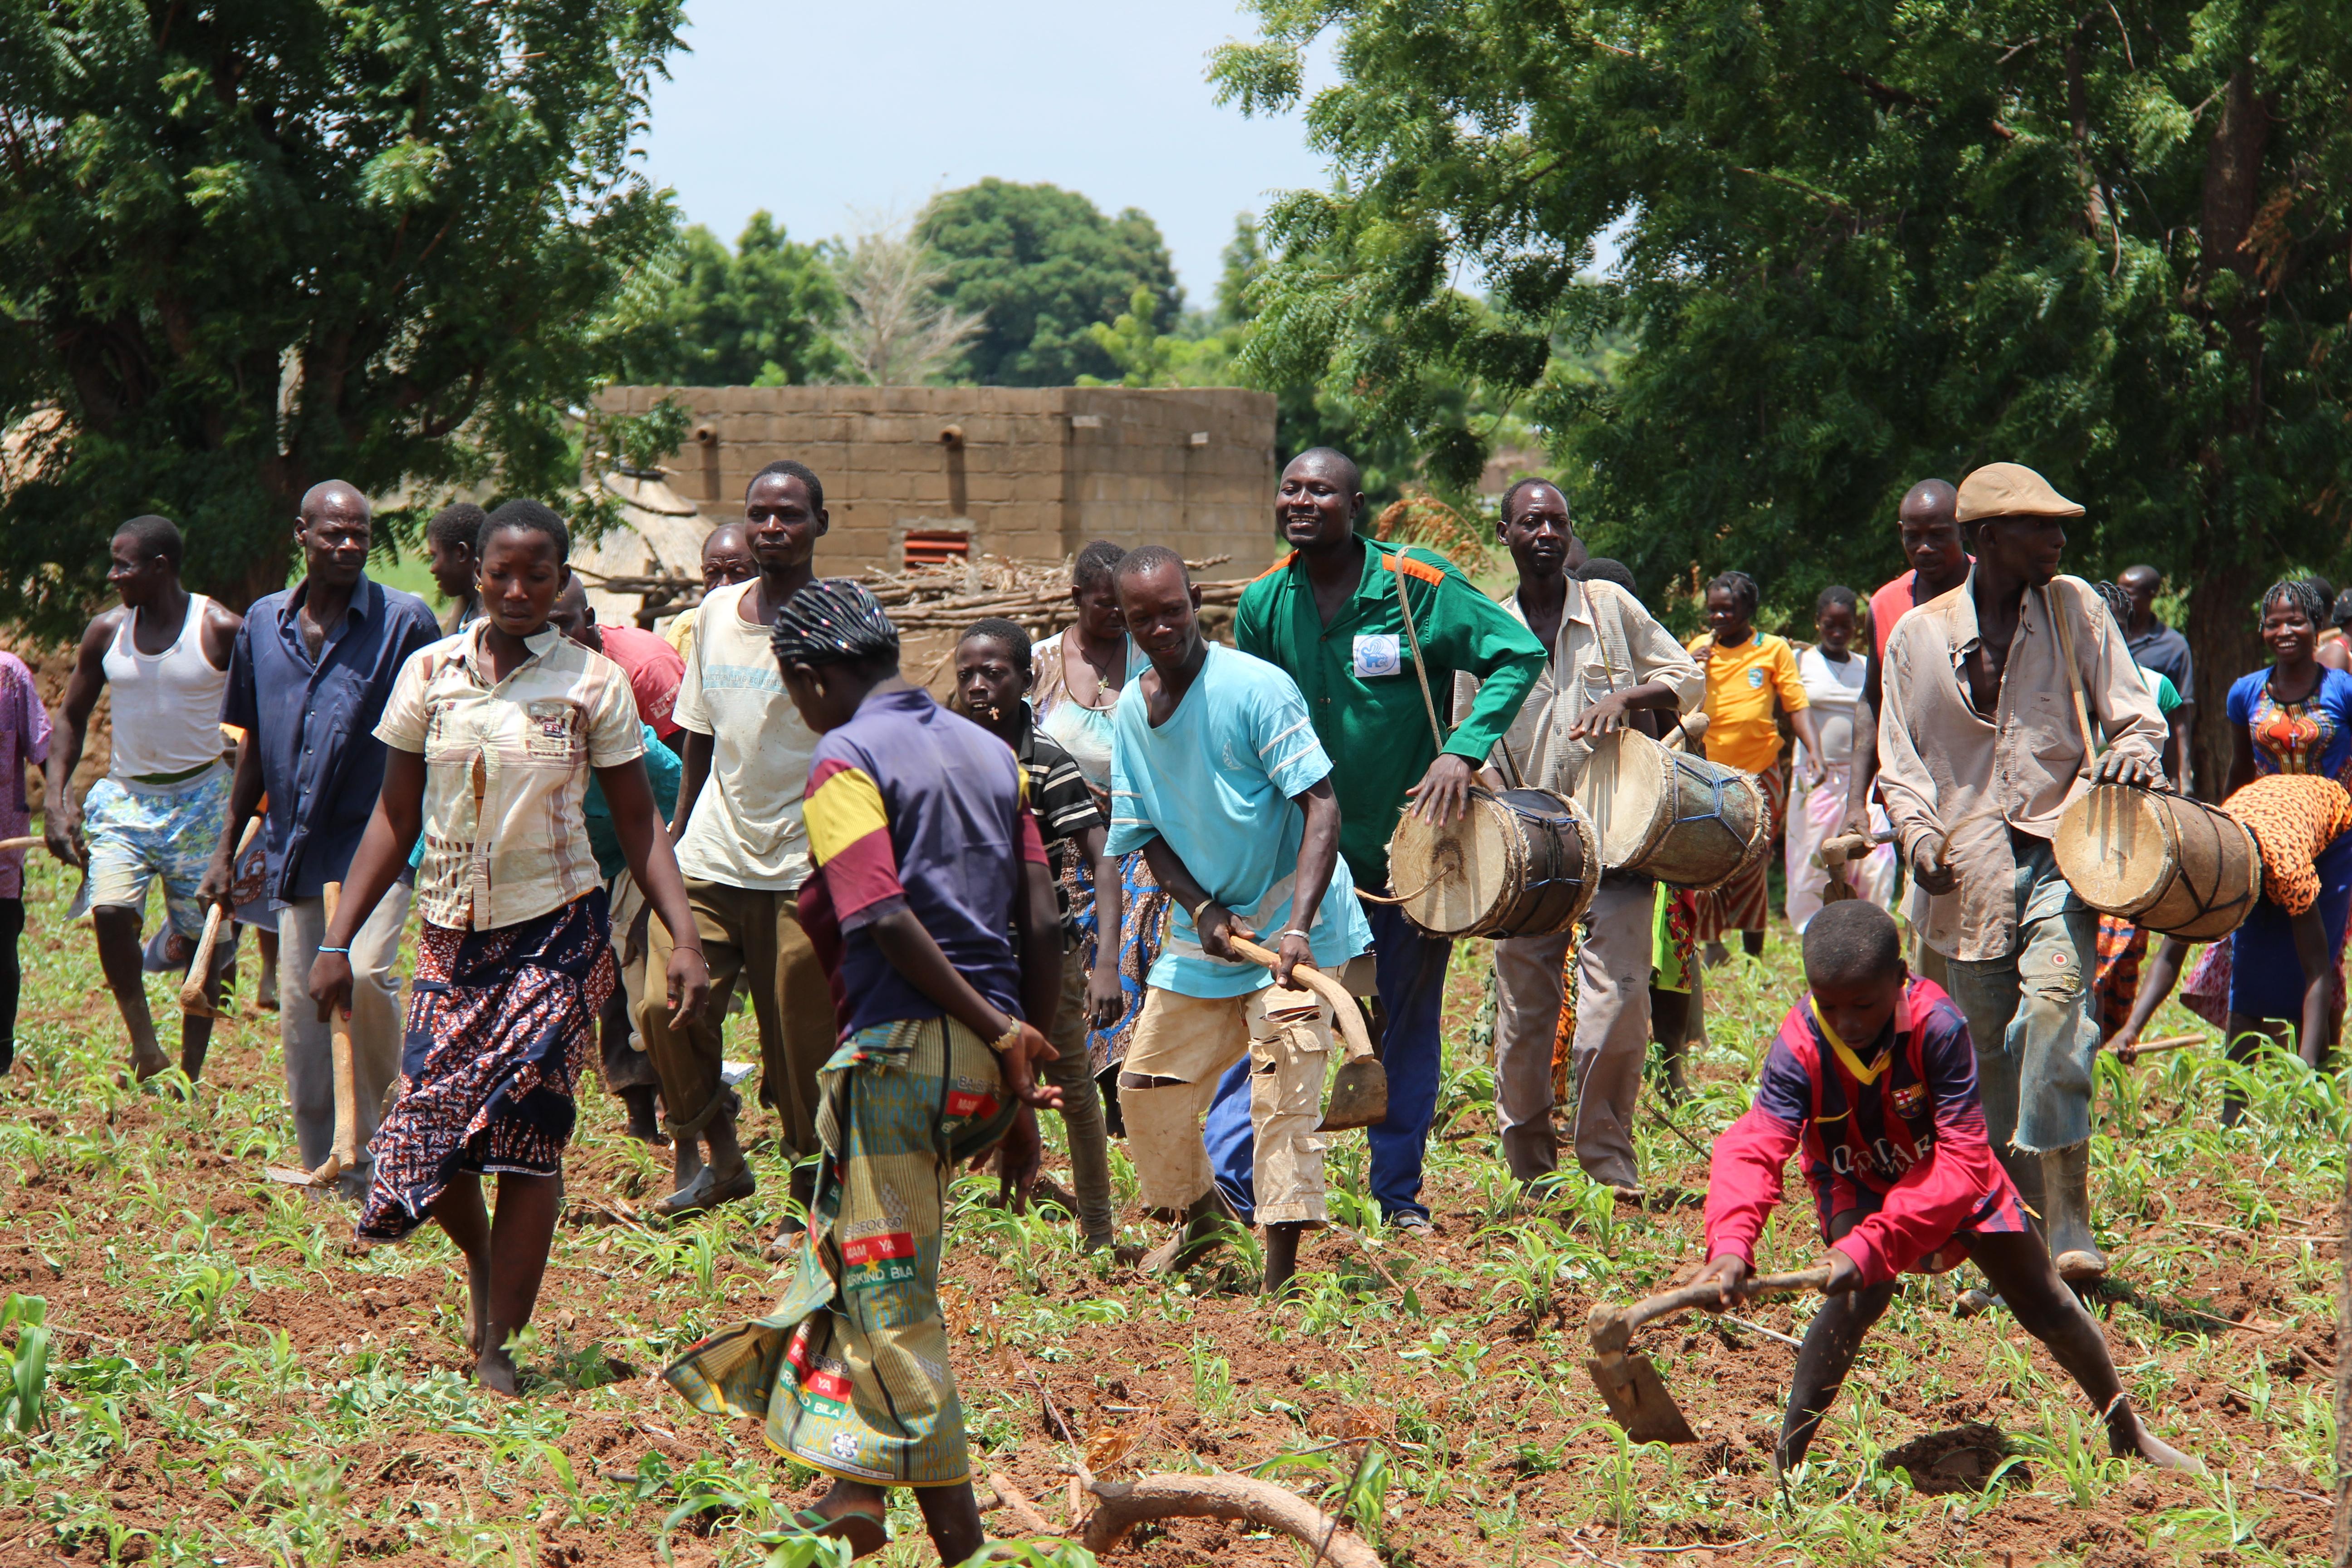 """Burkina Faso: """"Ningún credo puede justificar la violencia y aún menos invocar su fe para perpetrarla"""""""